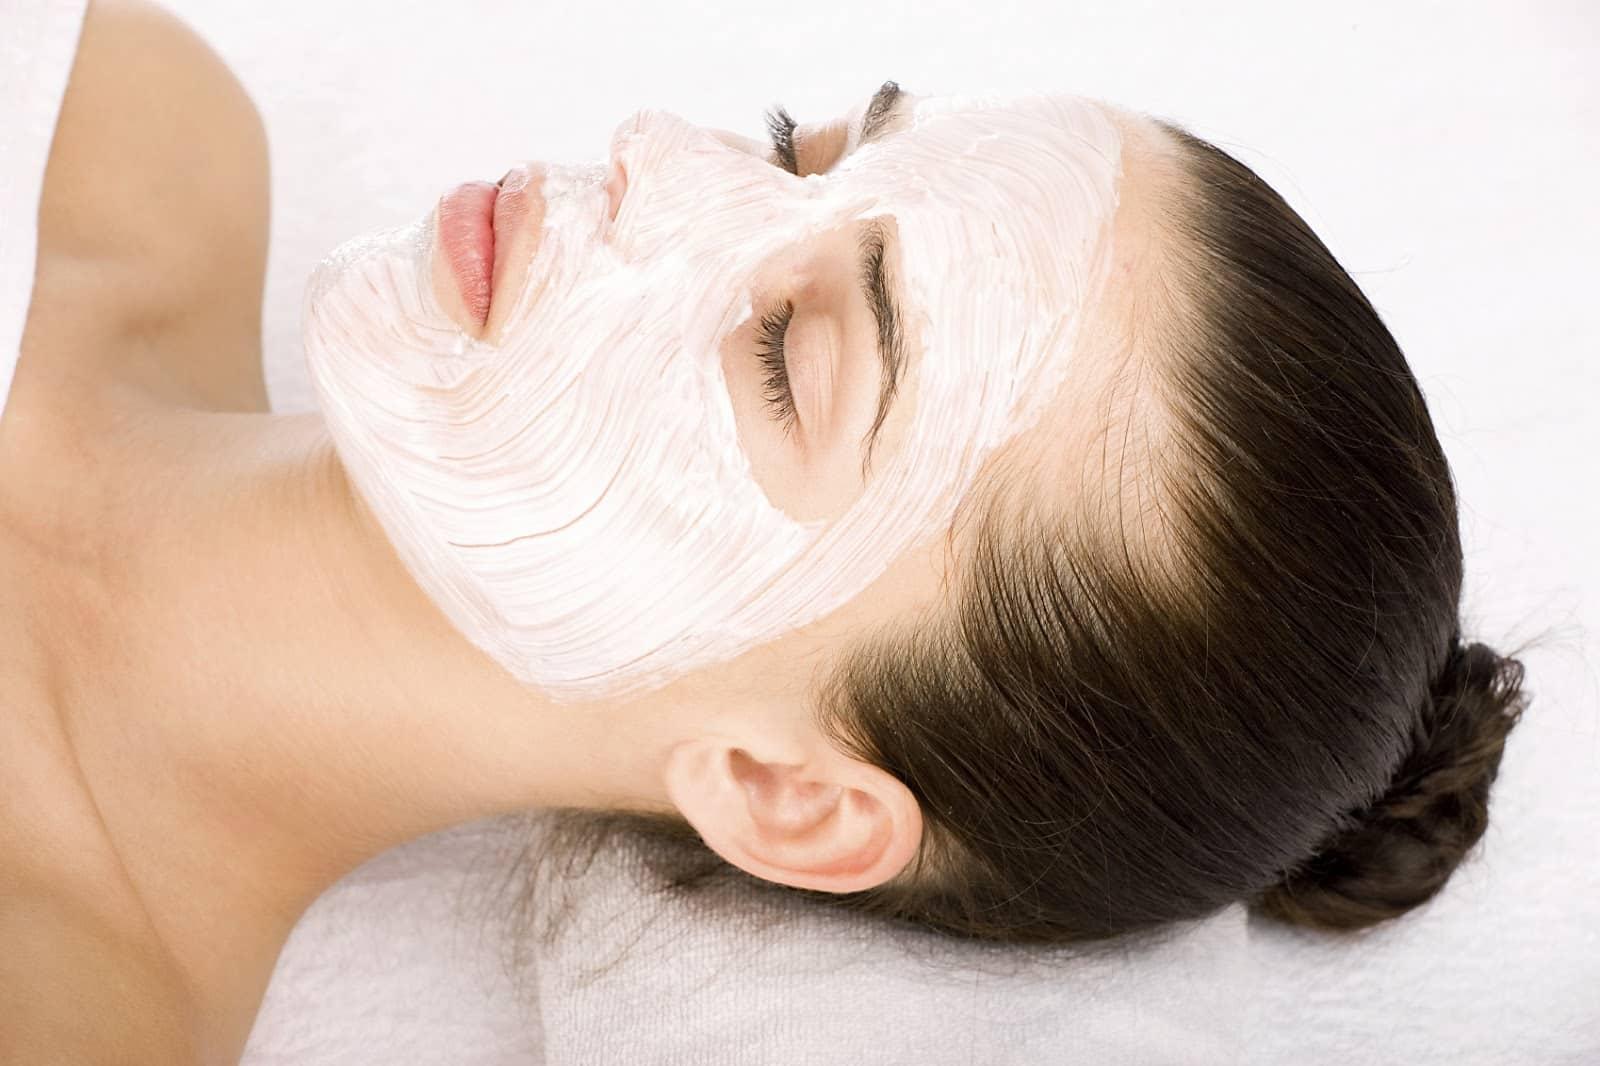 Крахмал богат полезными витаминами и микроэлементами, которые способны регенерировать клетки кожи и нормализовать процесс выделения кожного сала